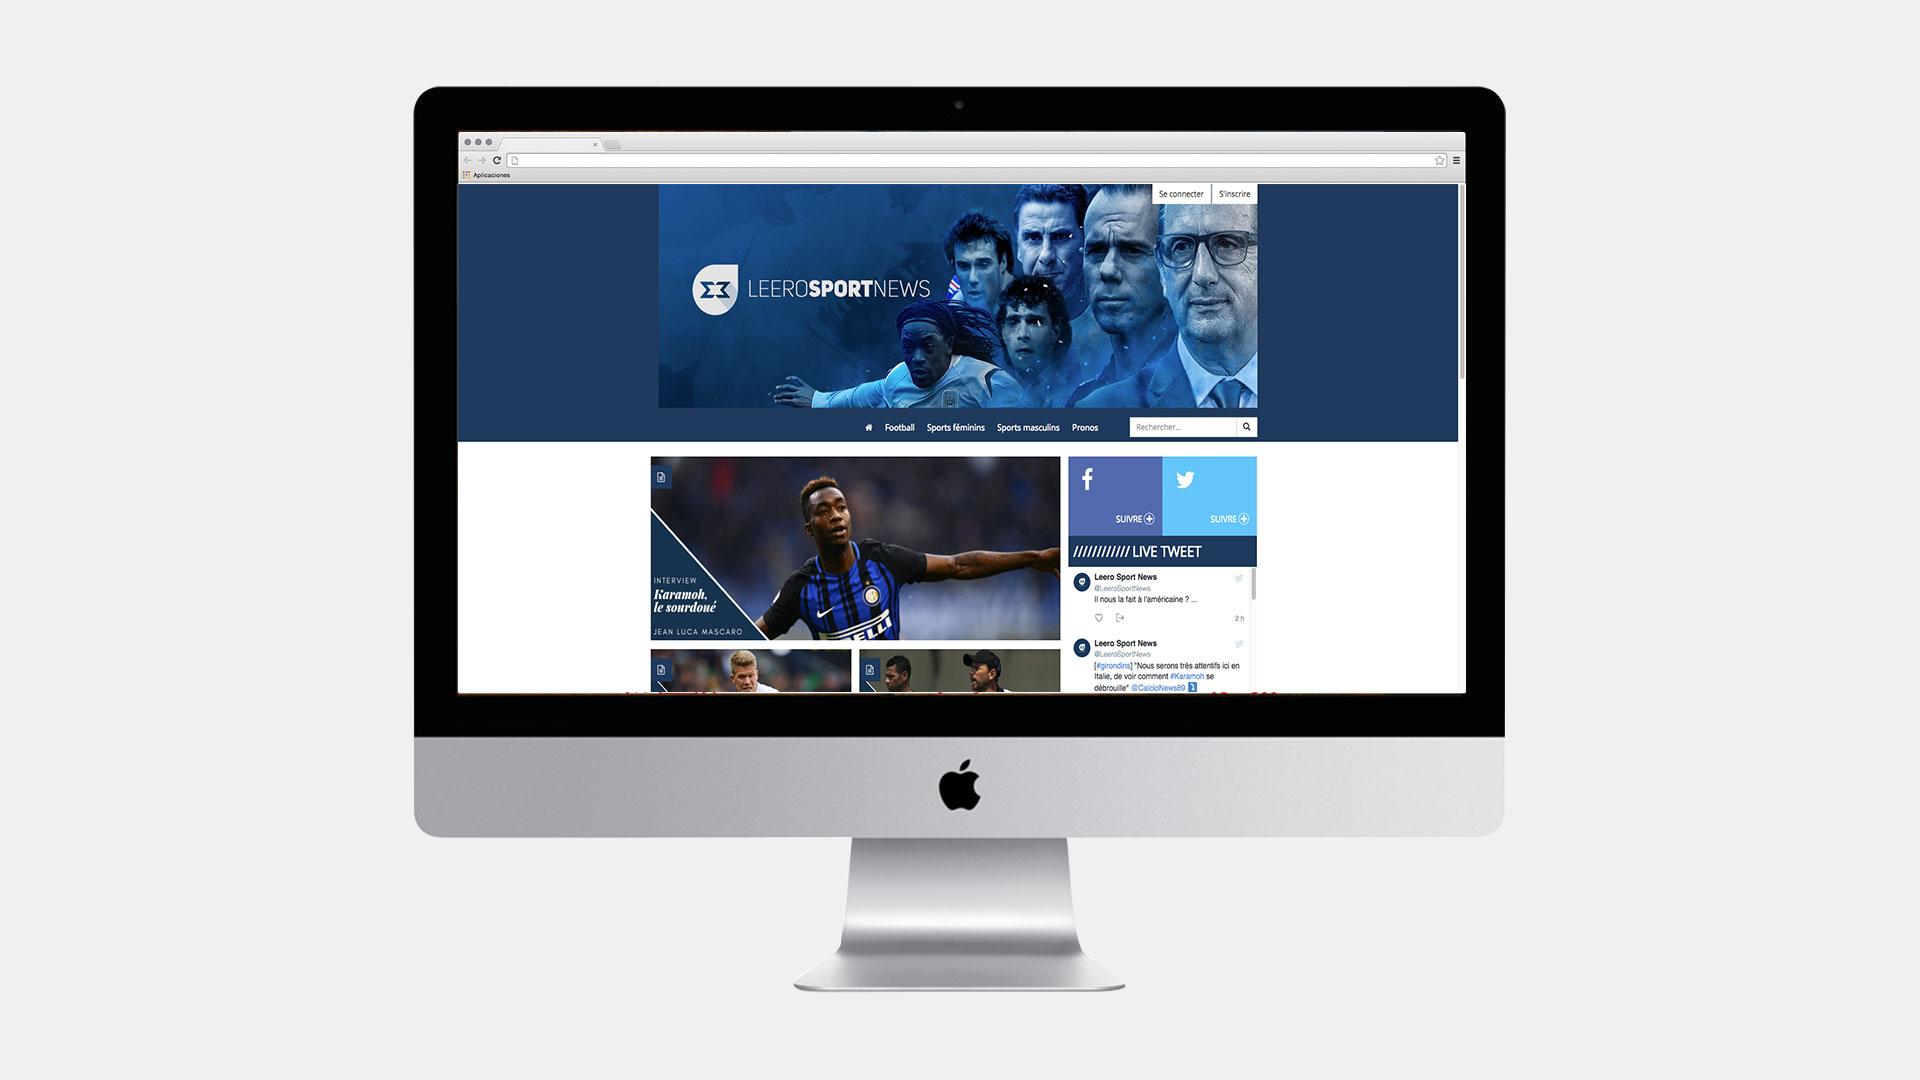 leero-sport-news-developpeur-freelance-bordeaux-jeremy-peltier